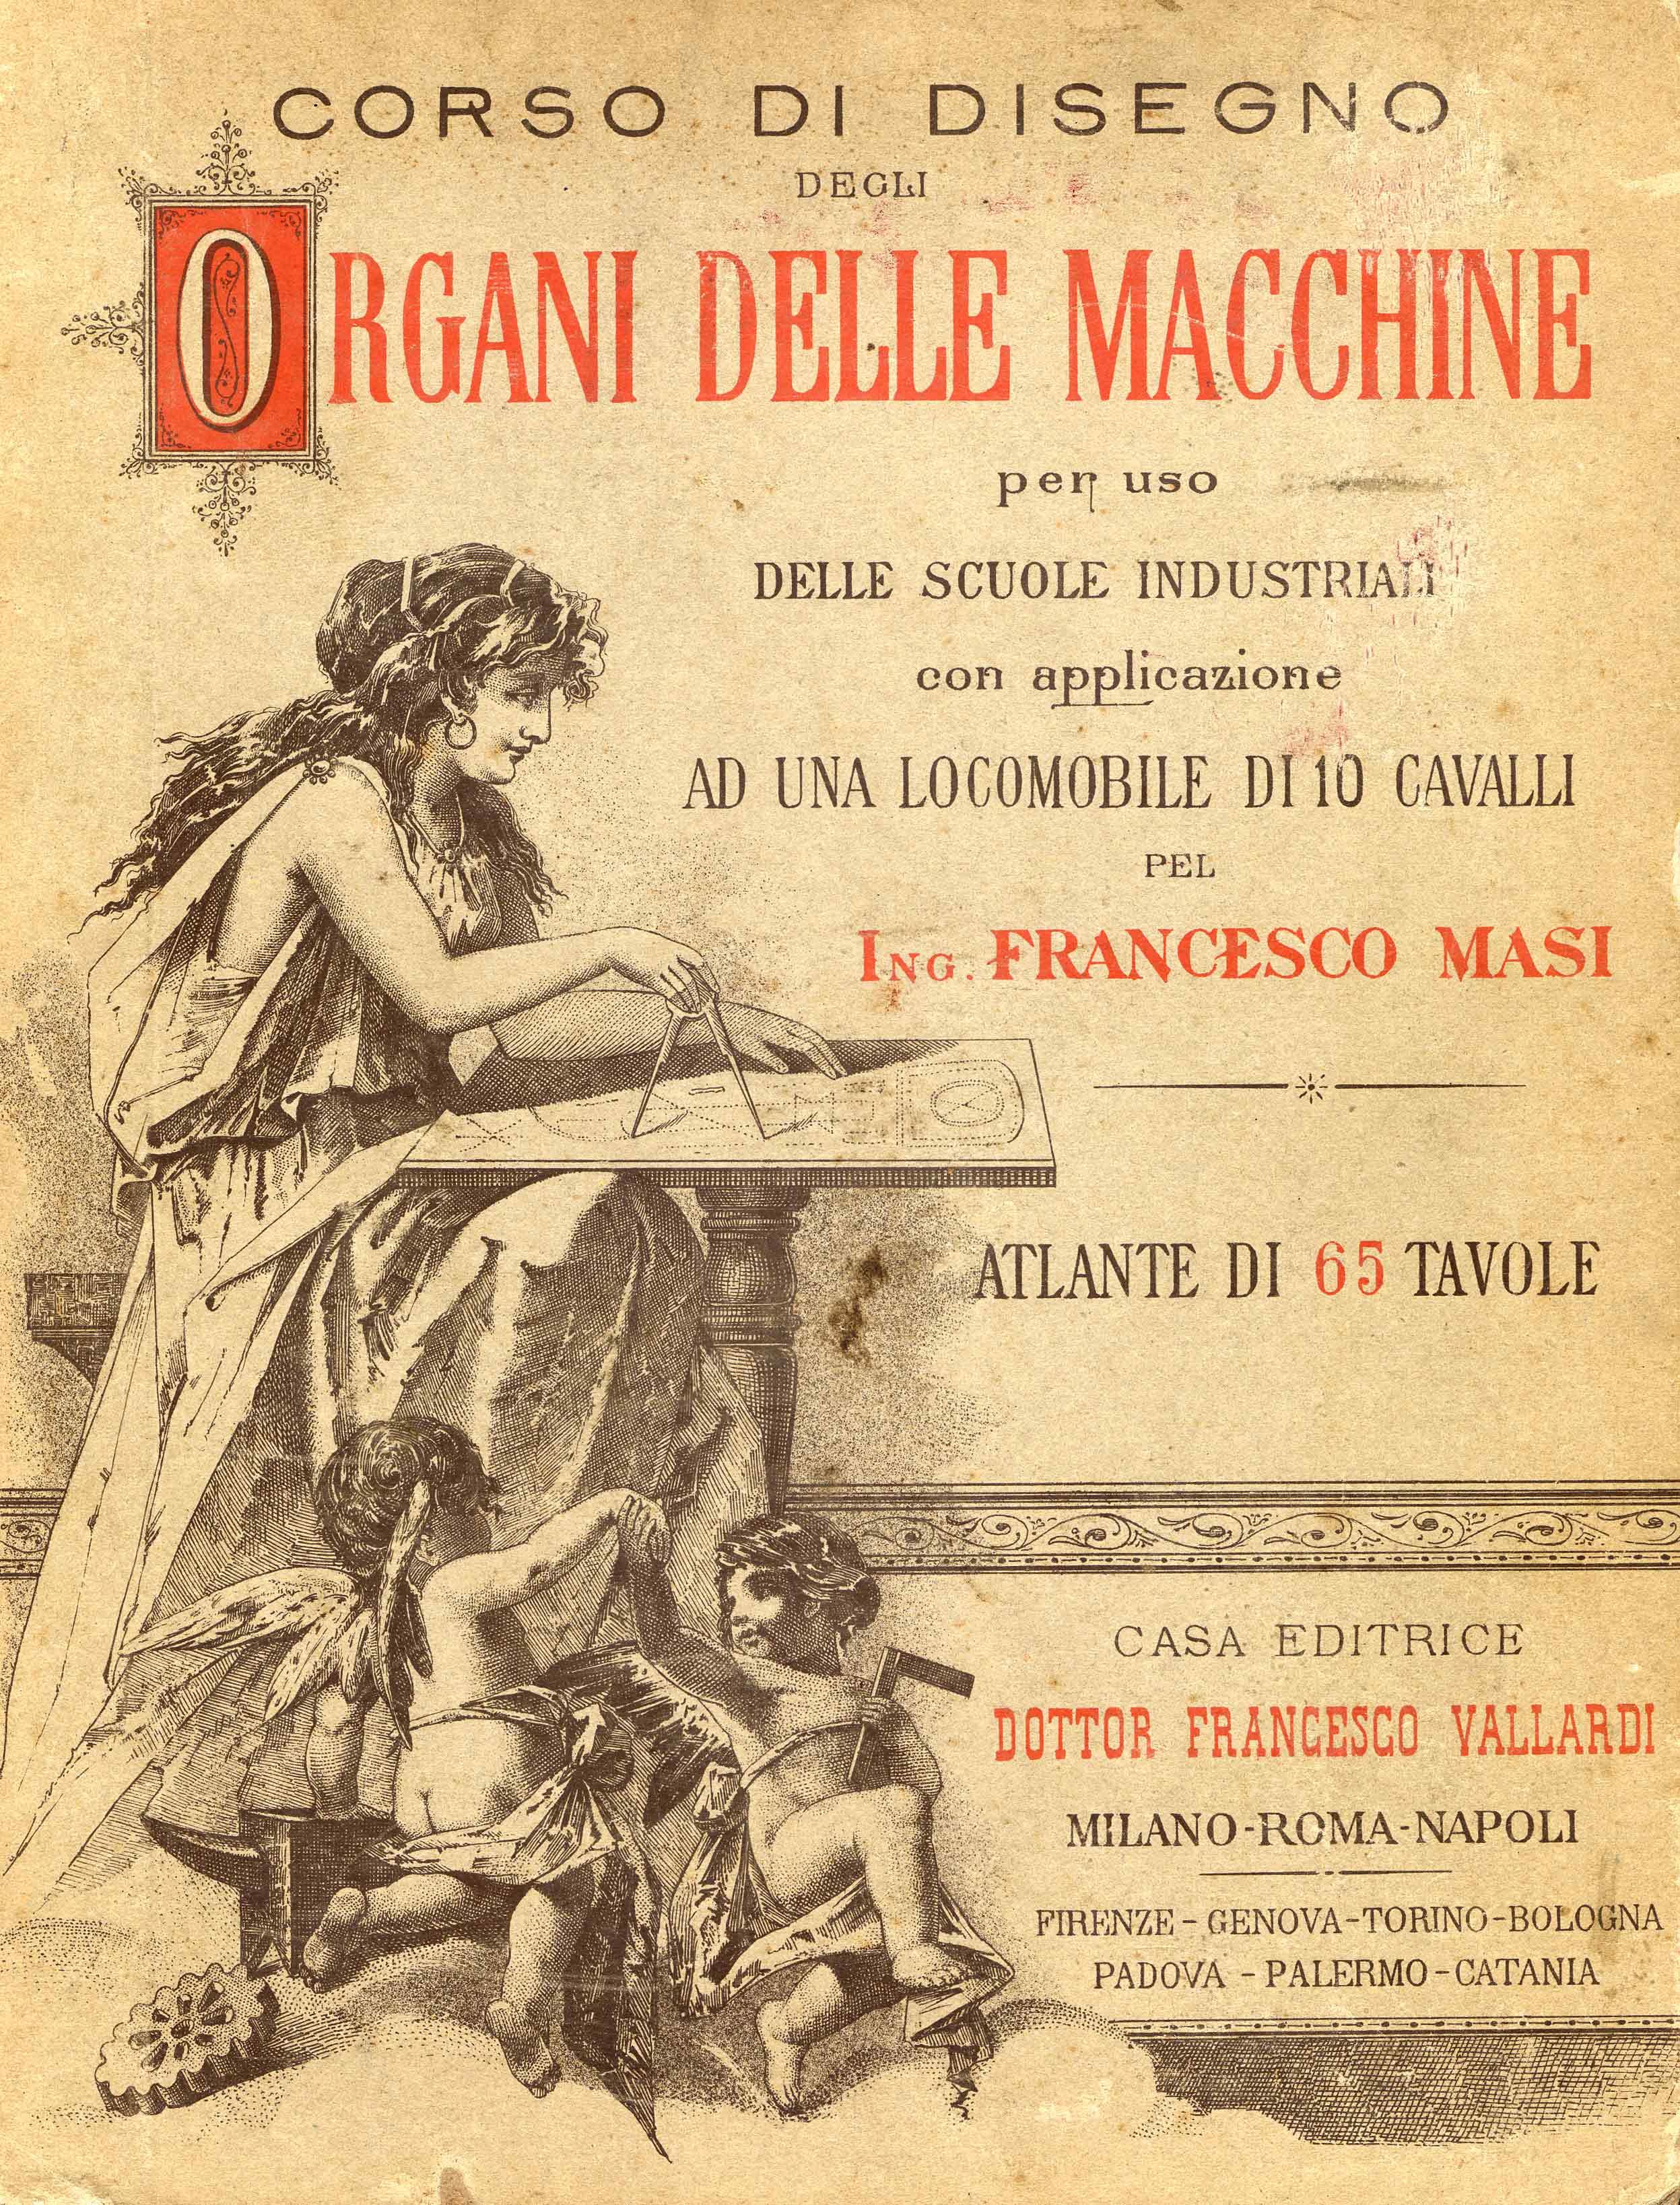 M. Ceccarelli, P. G. Molari, COME INSEGNARE LA MECCANICA